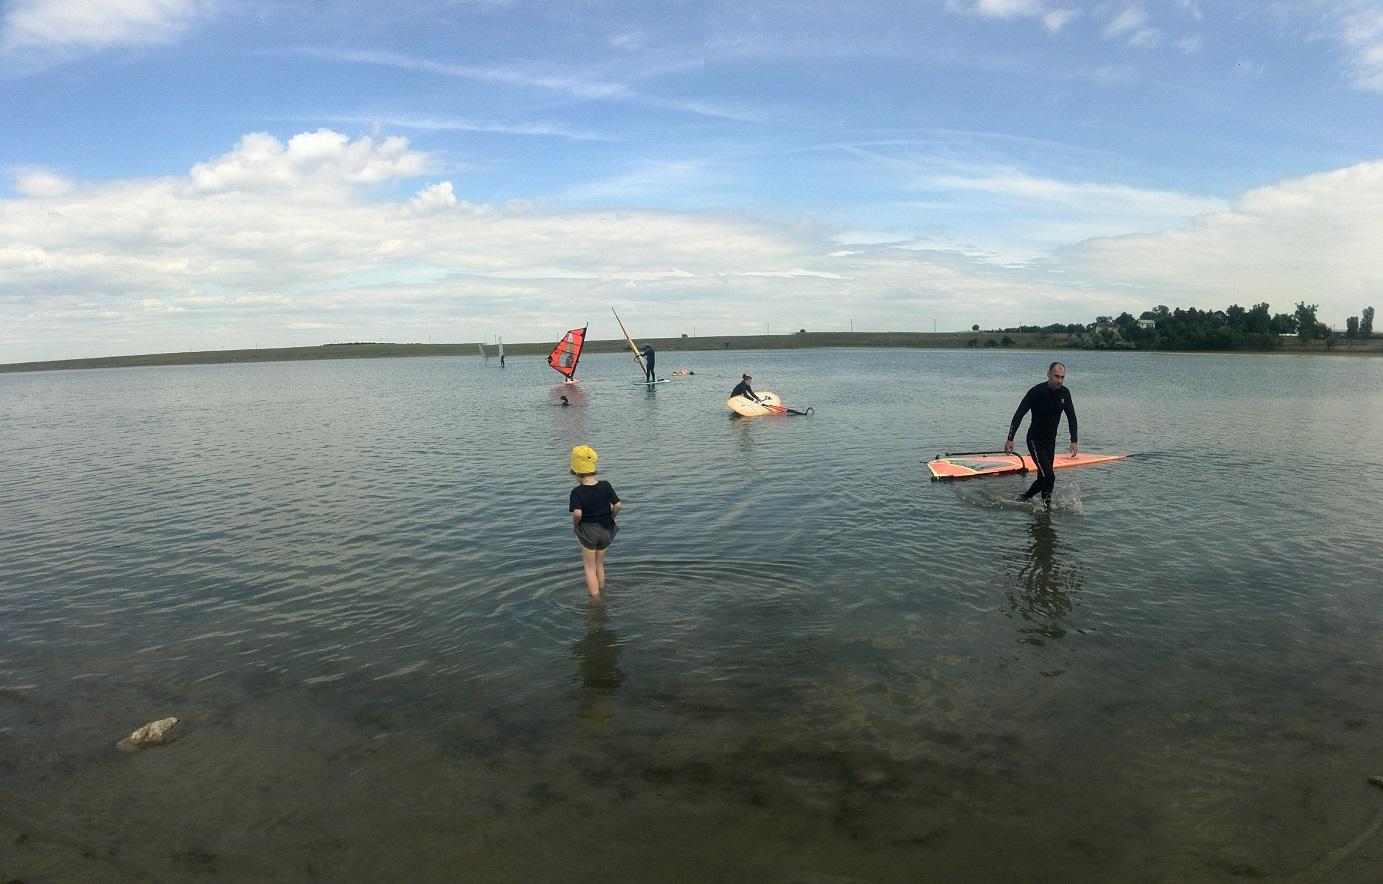 Cursuri windsurf pe lacul Fundata